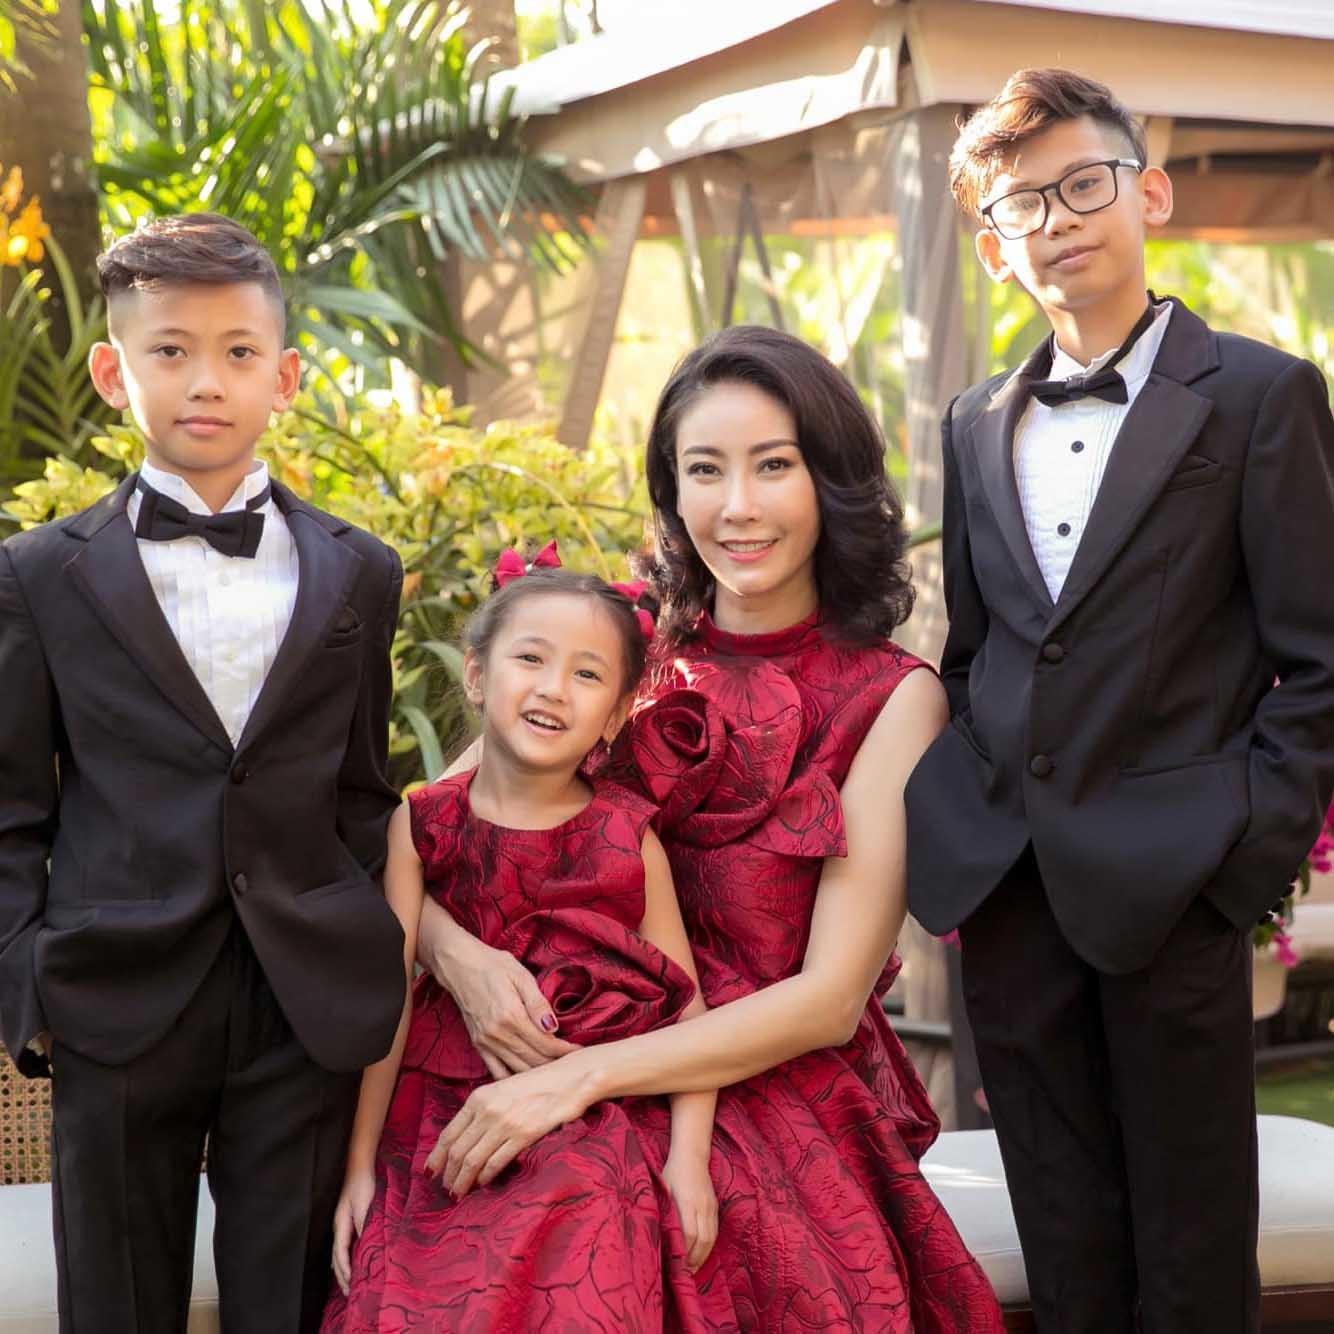 Lấy chồng đại gia, sống cùng 4 con Hà Kiều Anh quên đi sóng gió